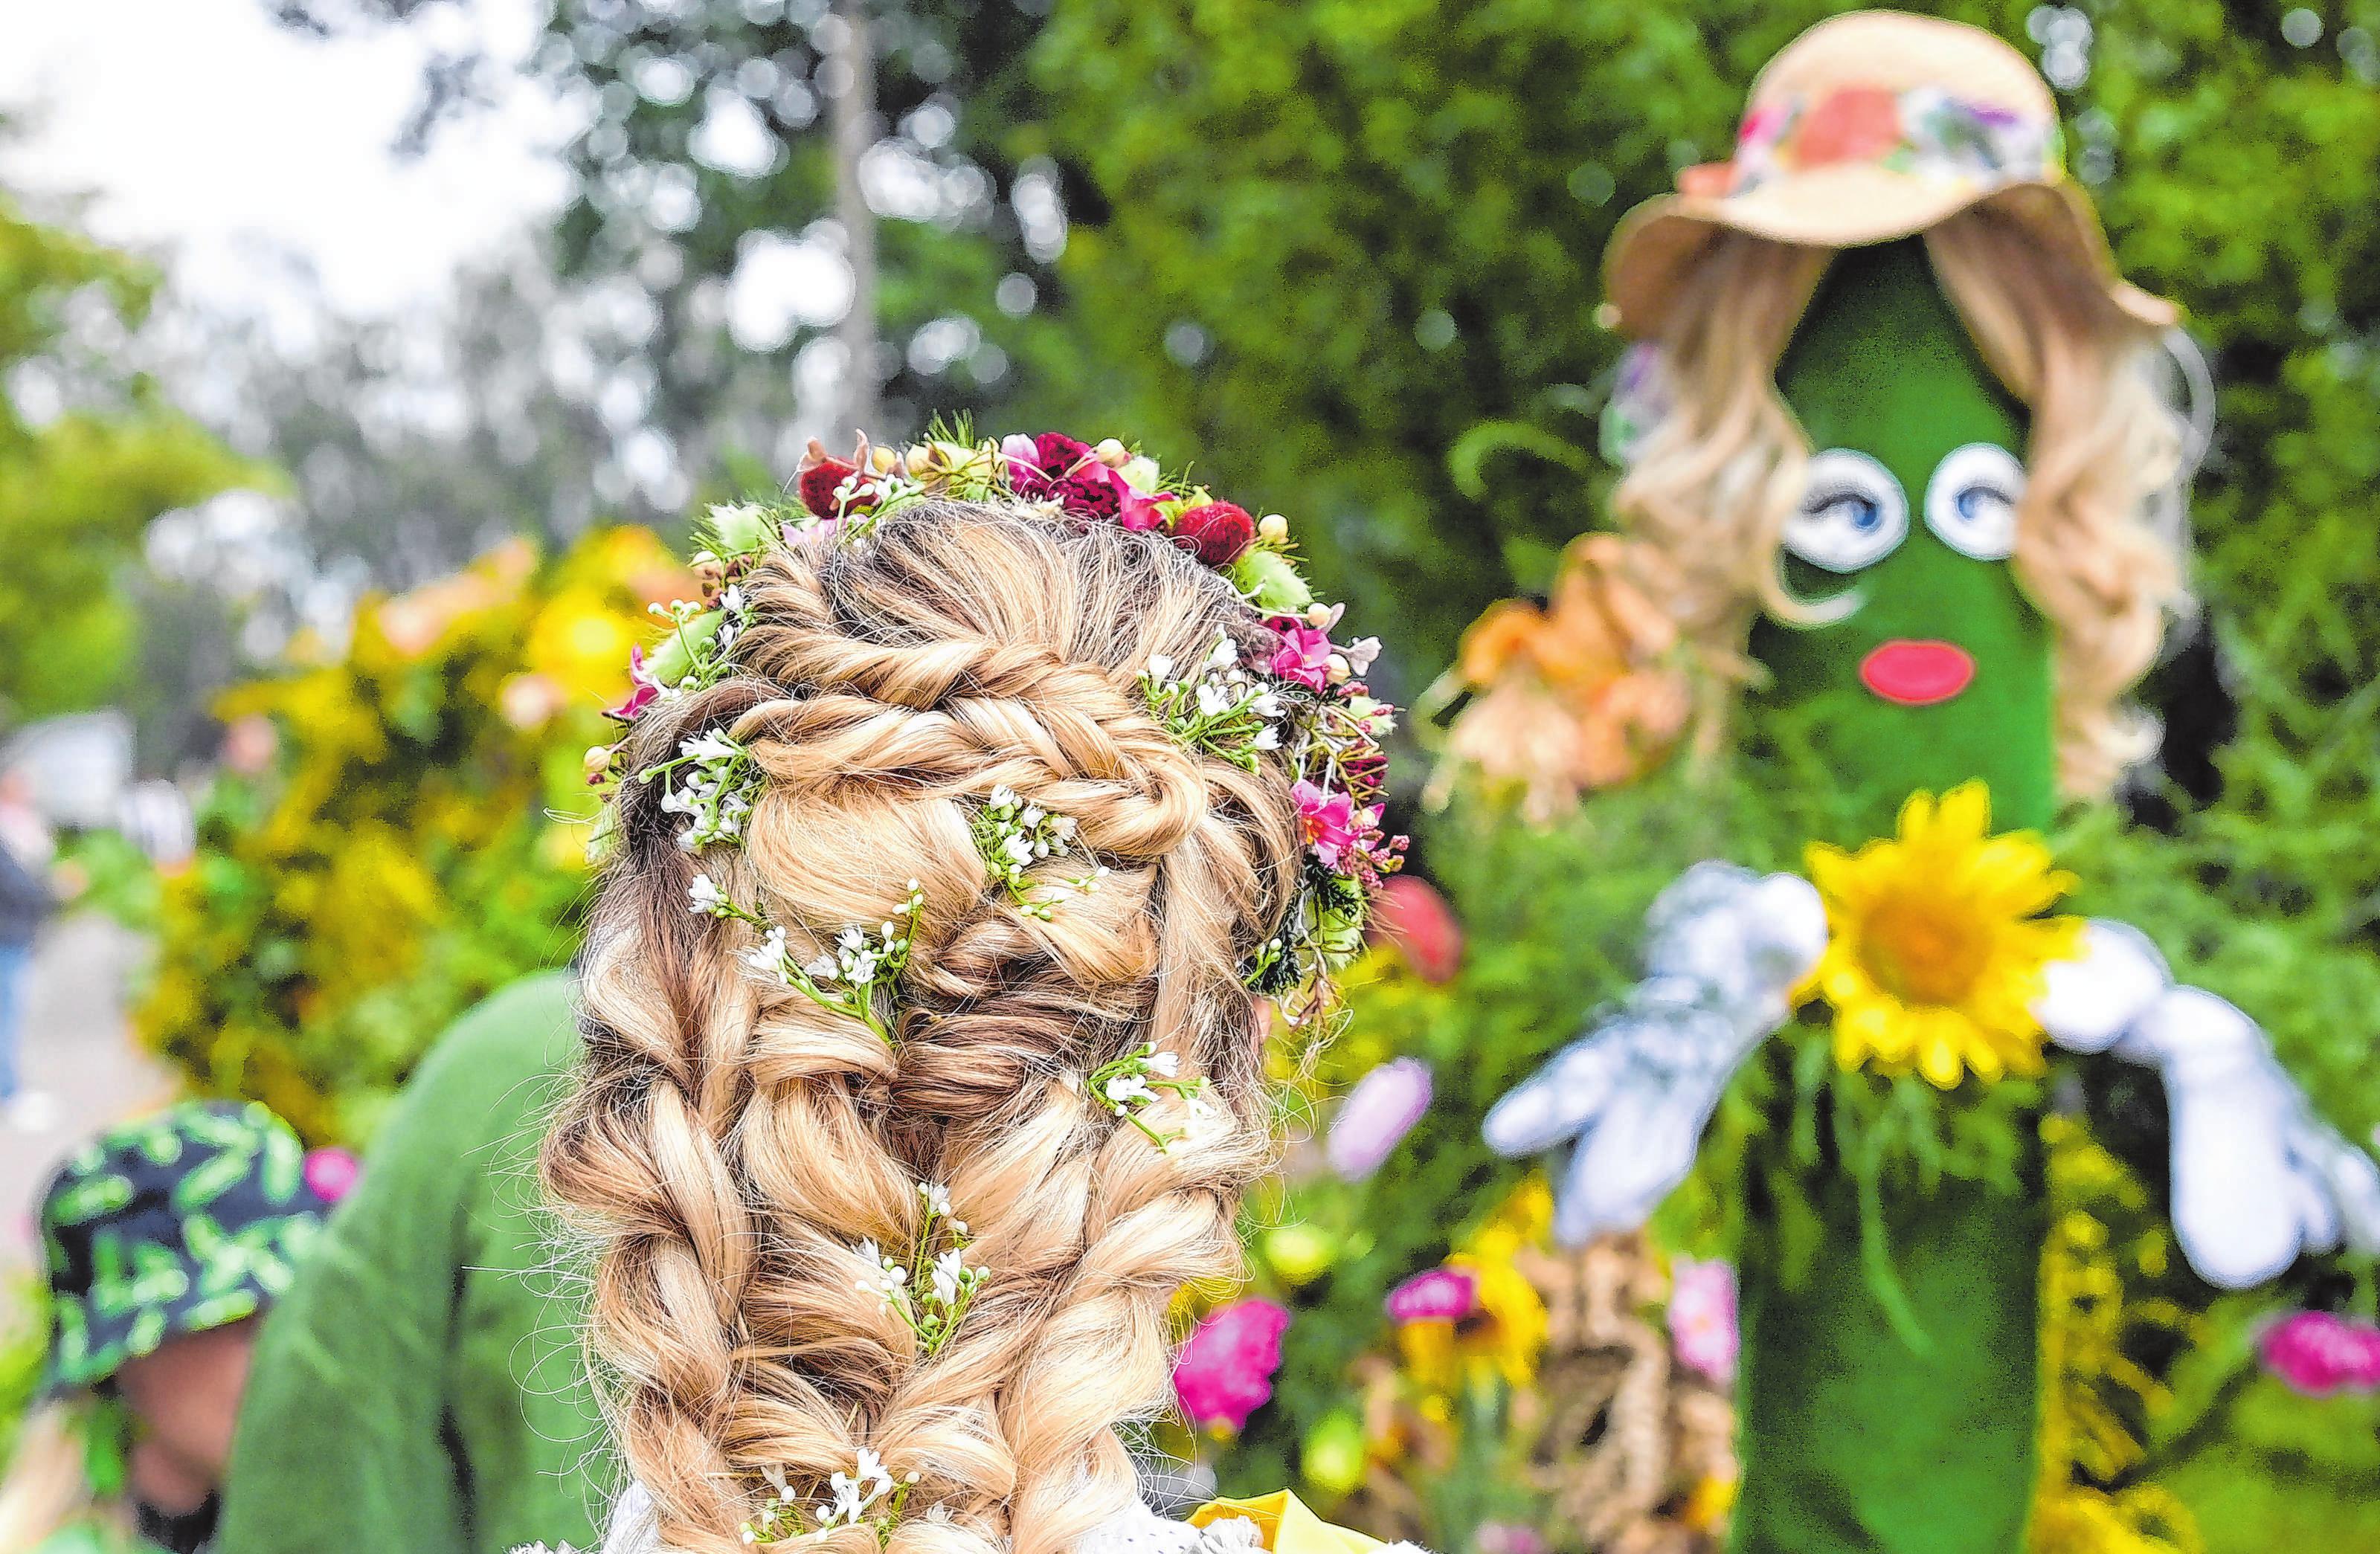 Wer hat hier wohl wen zur Frisur inspiriert? Blumenschmuck im Haar dürfte auch in Walsleben ein Thema sein.